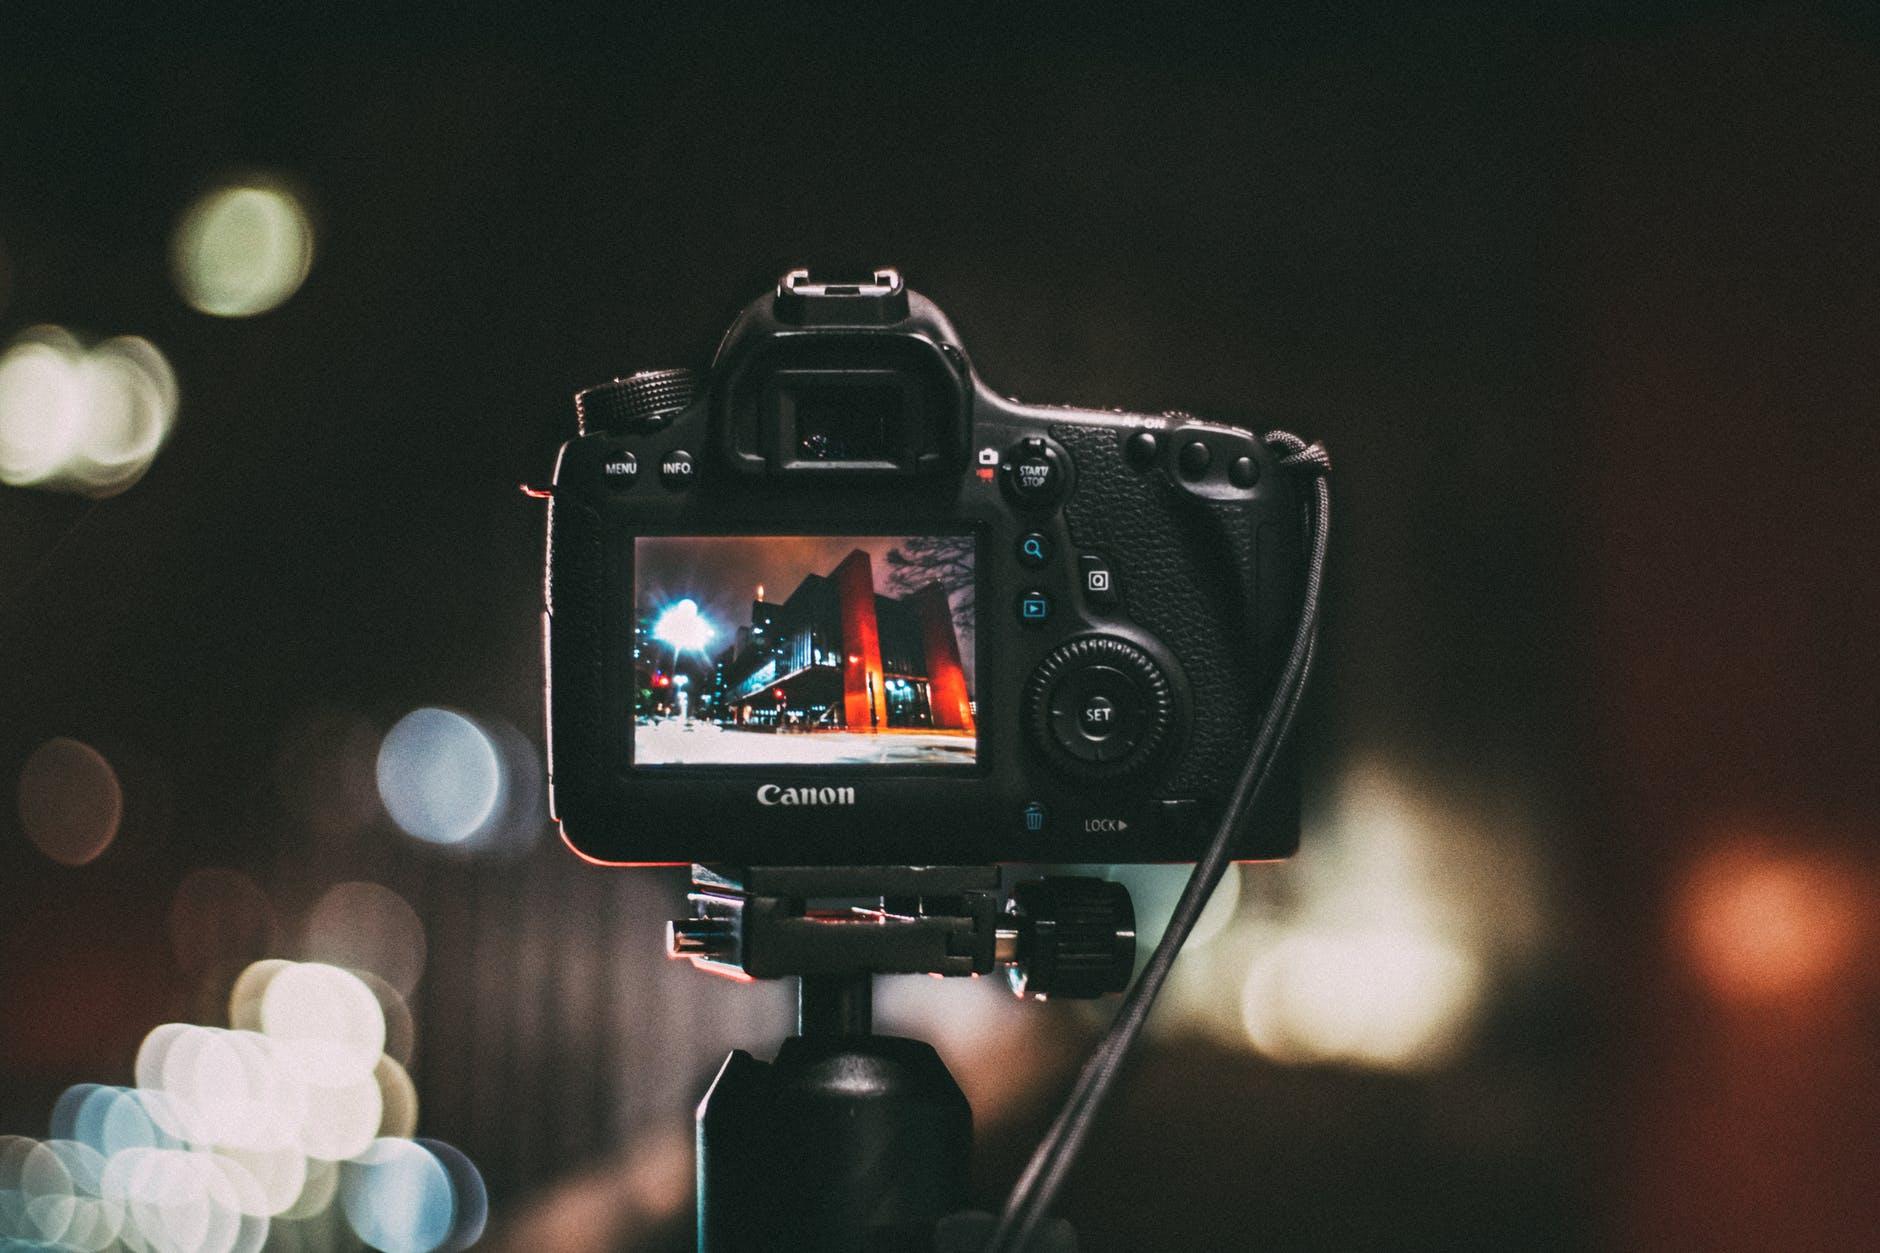 a Canon camera